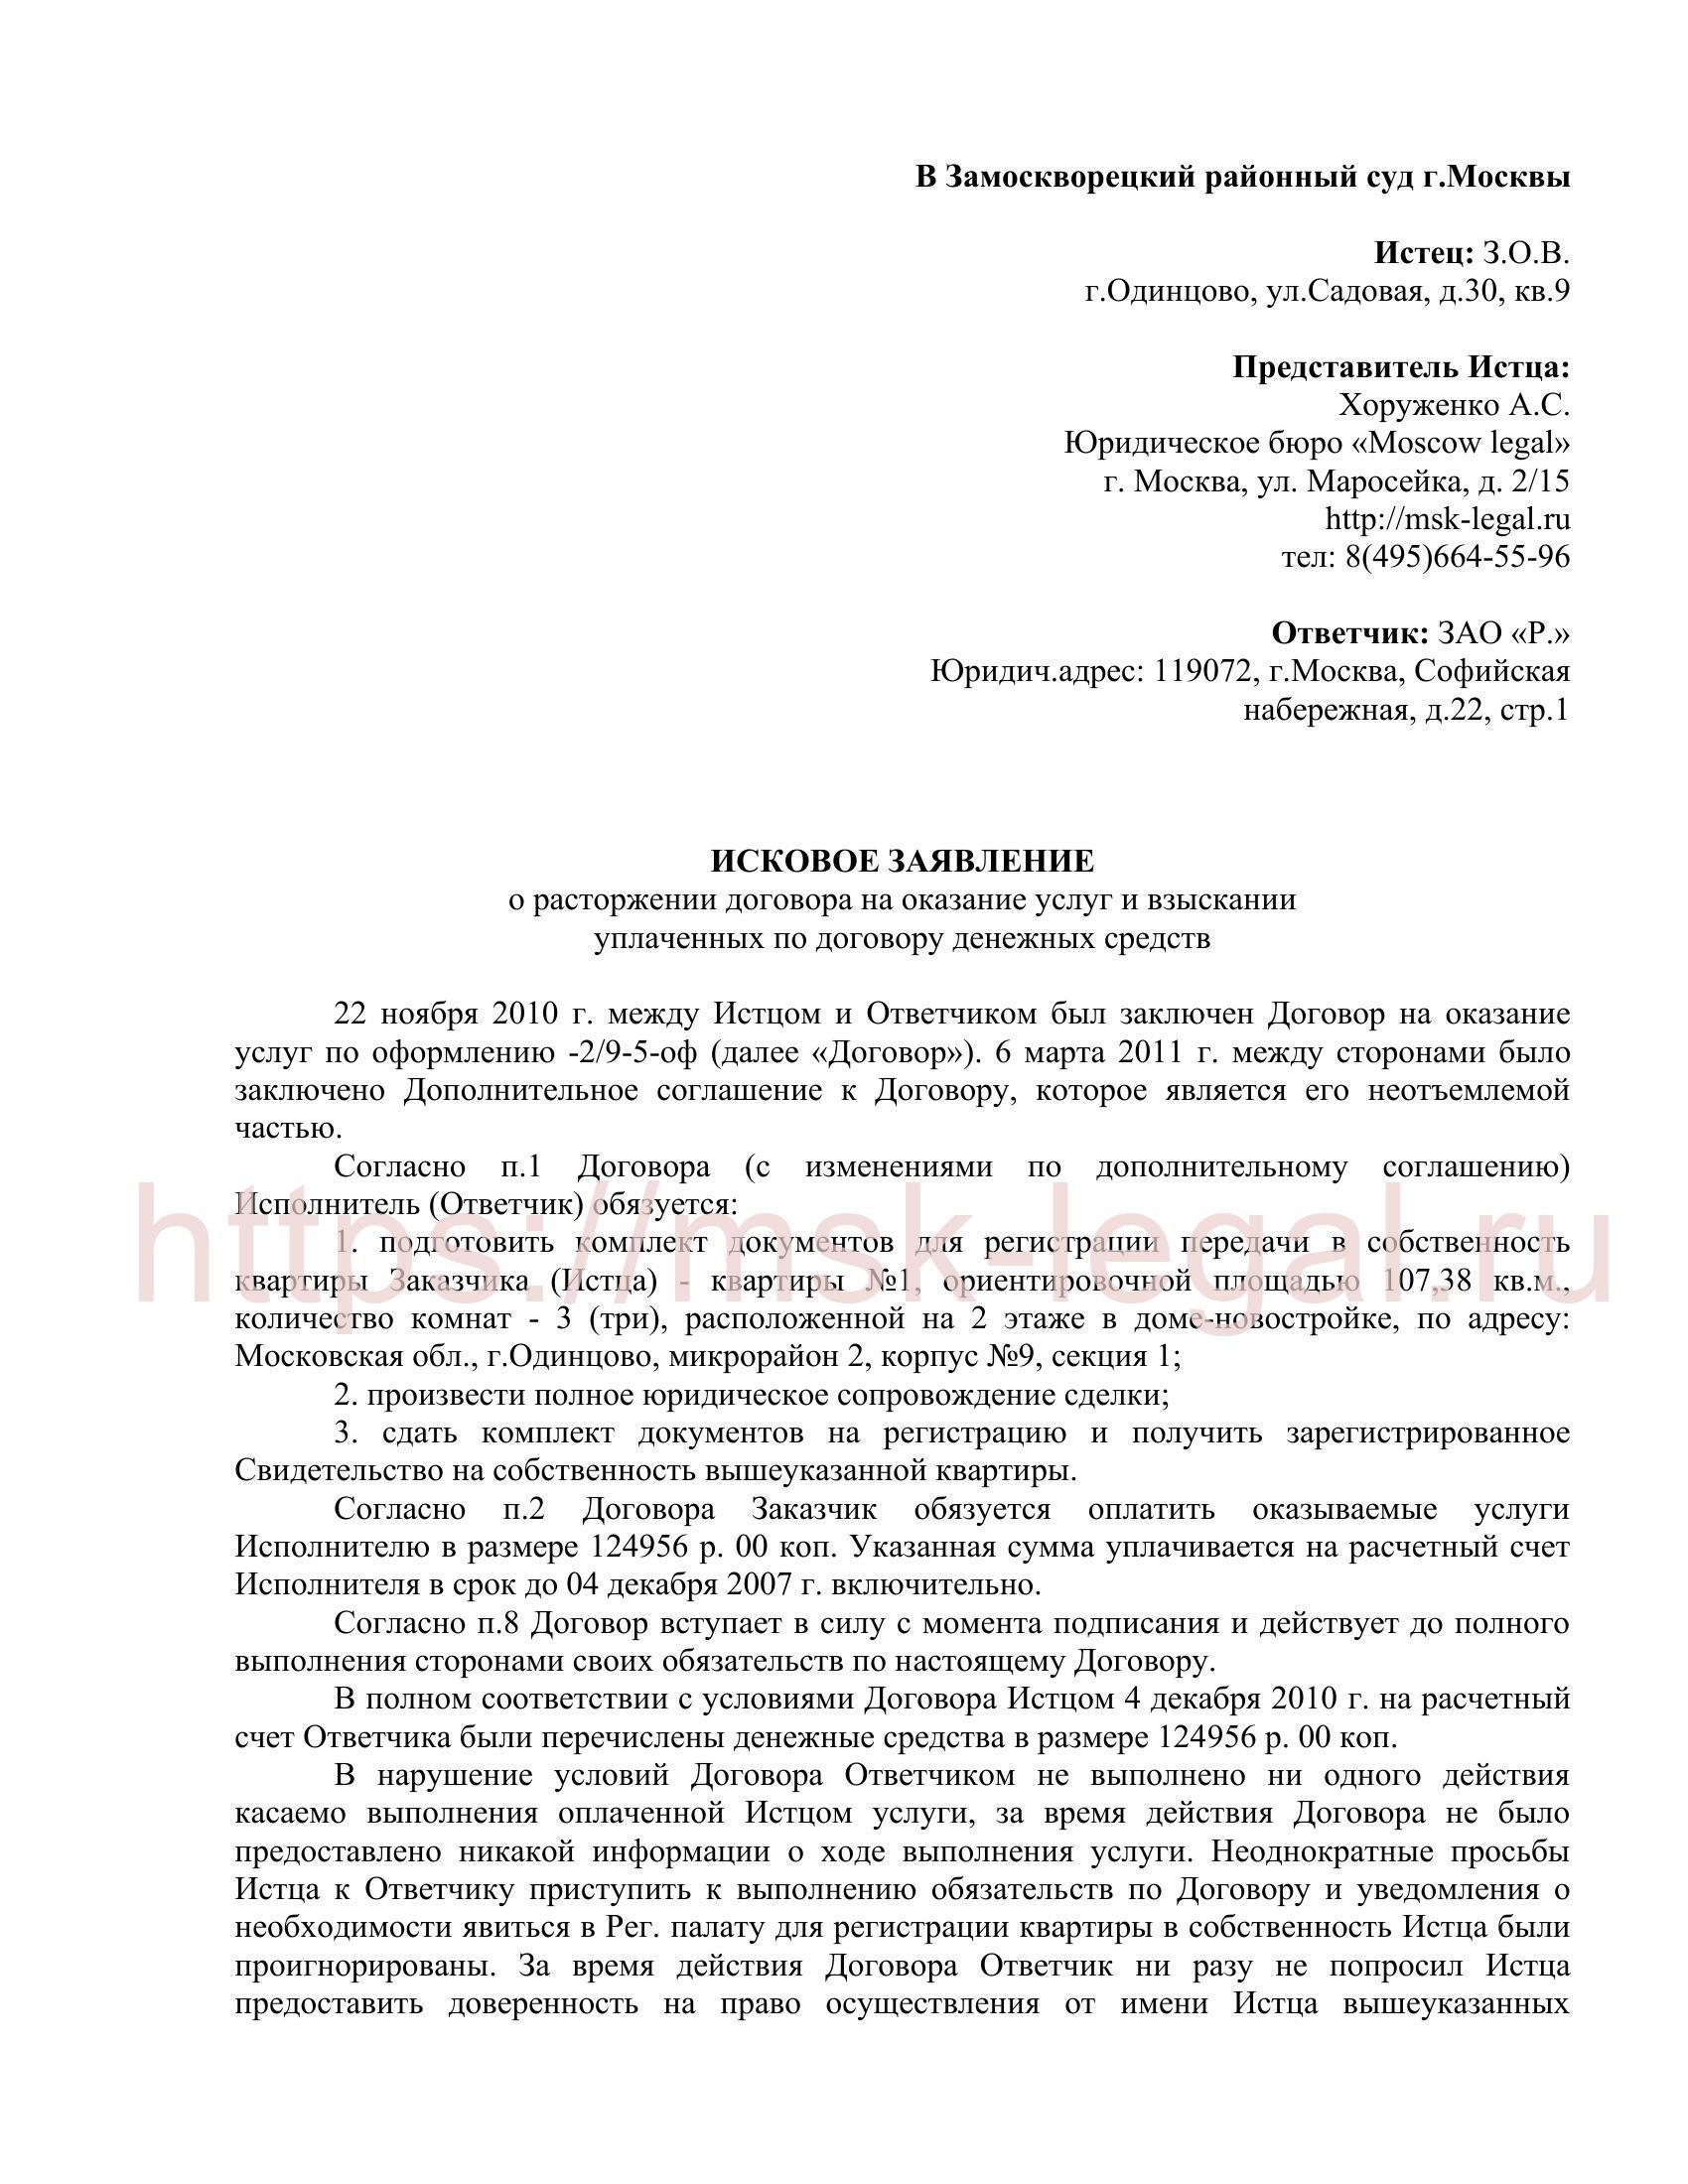 Иск о взыскании денег по договору на оказание услуг (2)